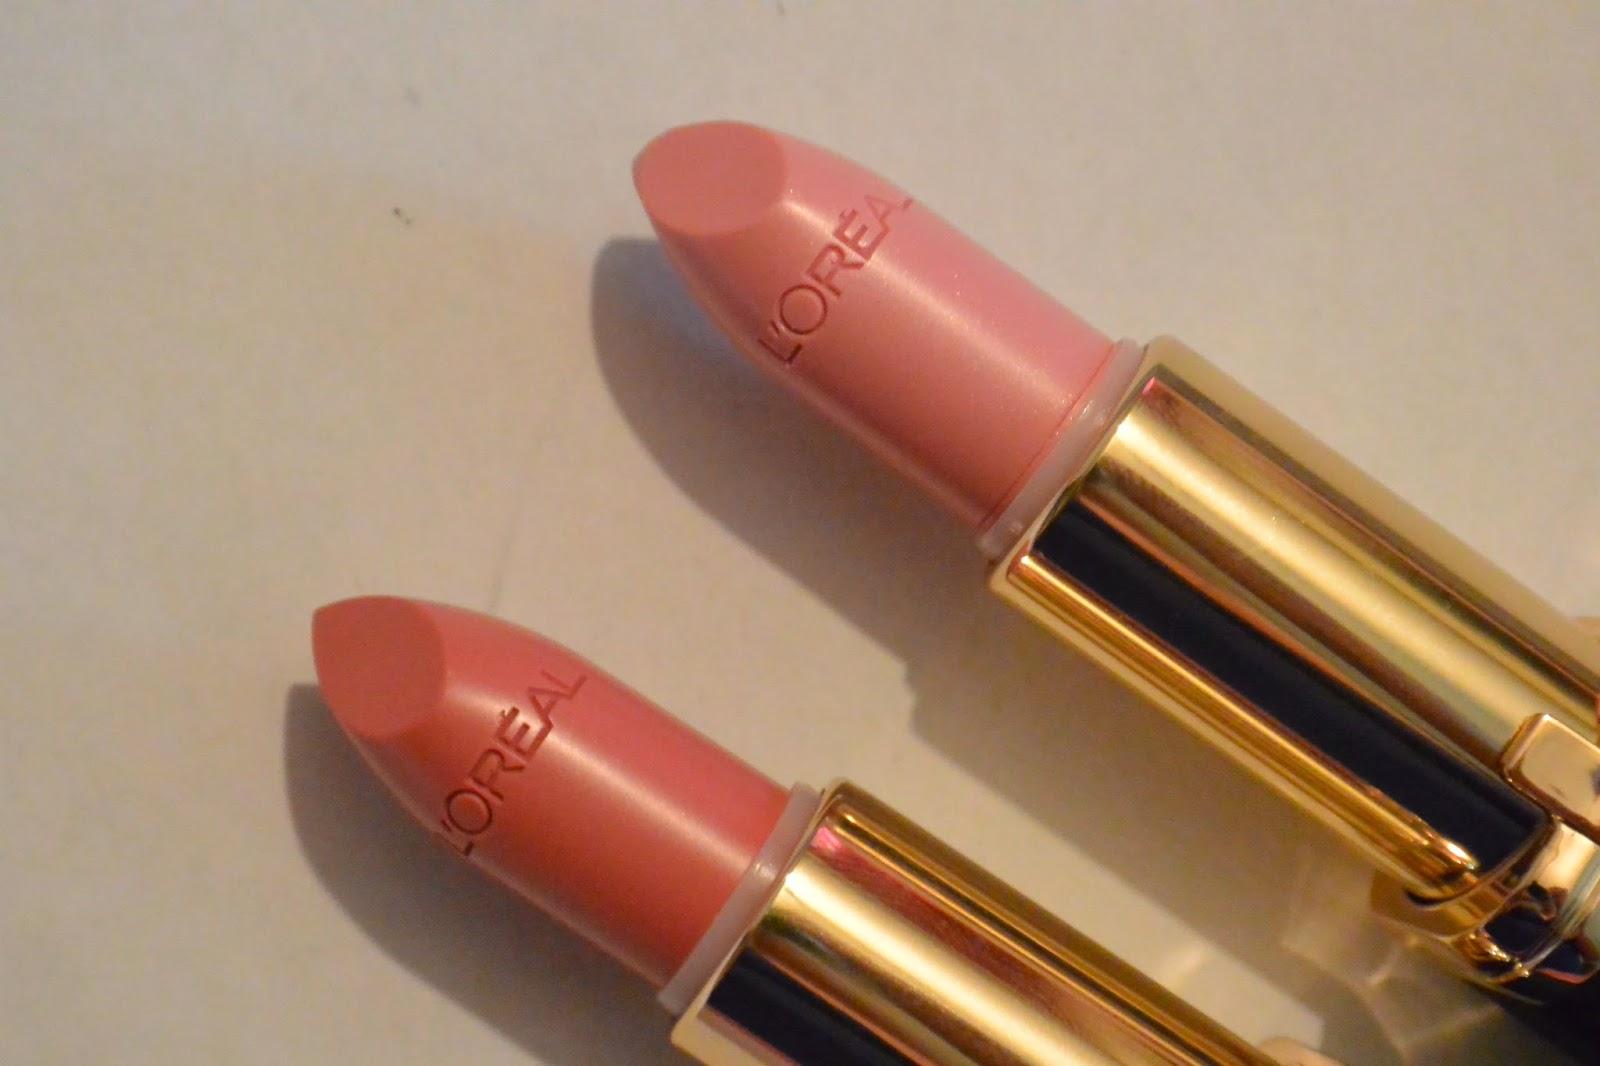 LOréal Colour Riche Lipstick Swatches - Canadian beauty